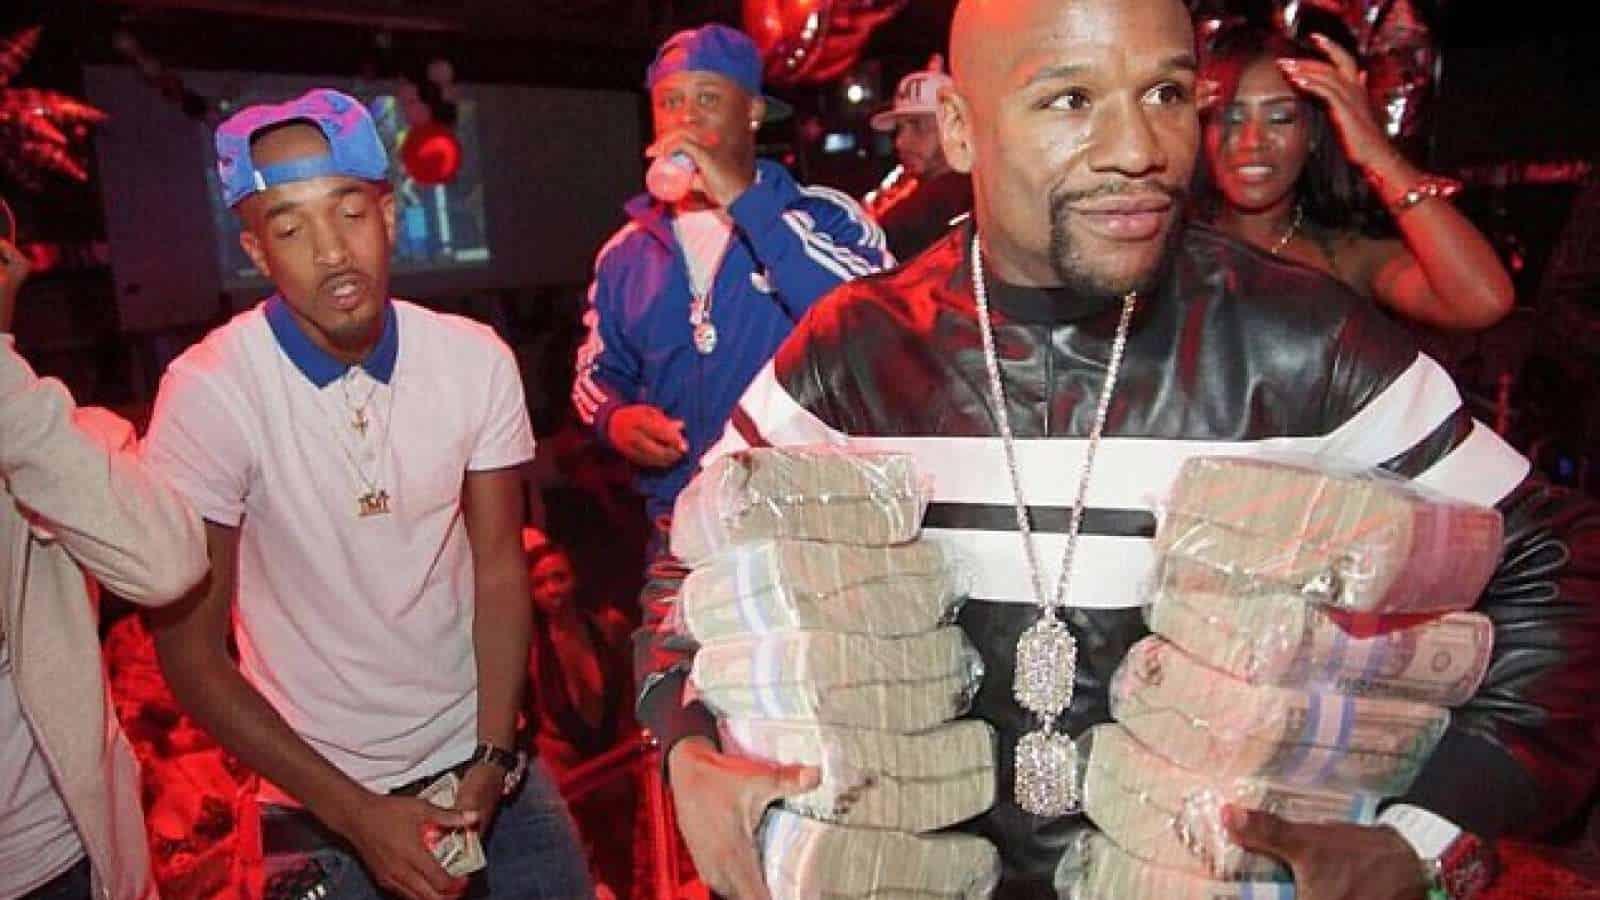 La super fiesta de Mayweather en un club de striptease tras derrotar a McGregor + Video